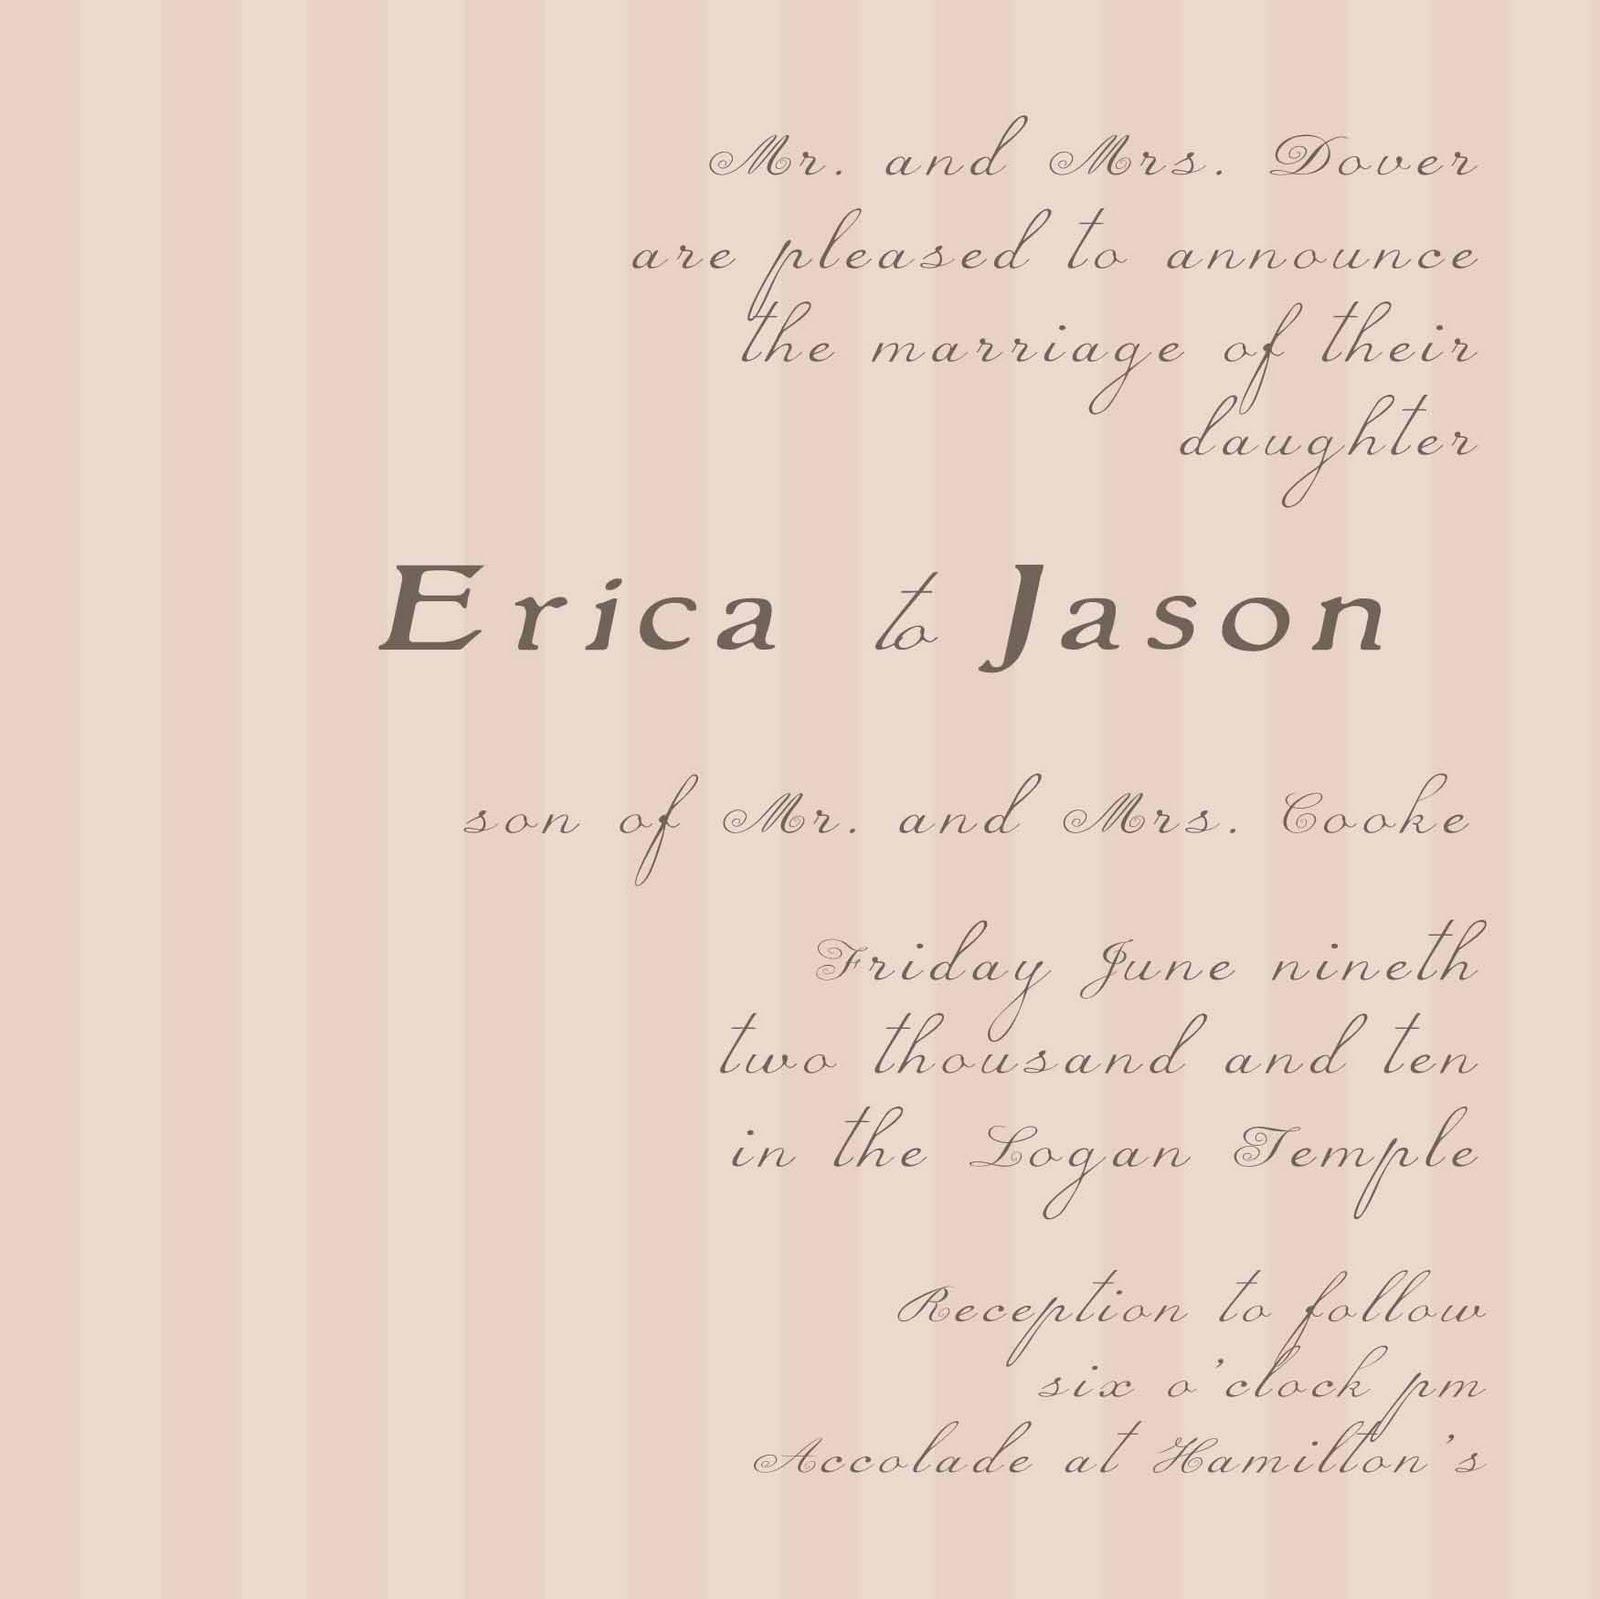 Proper Etiquette For Wedding Invitation was great invitations ideas